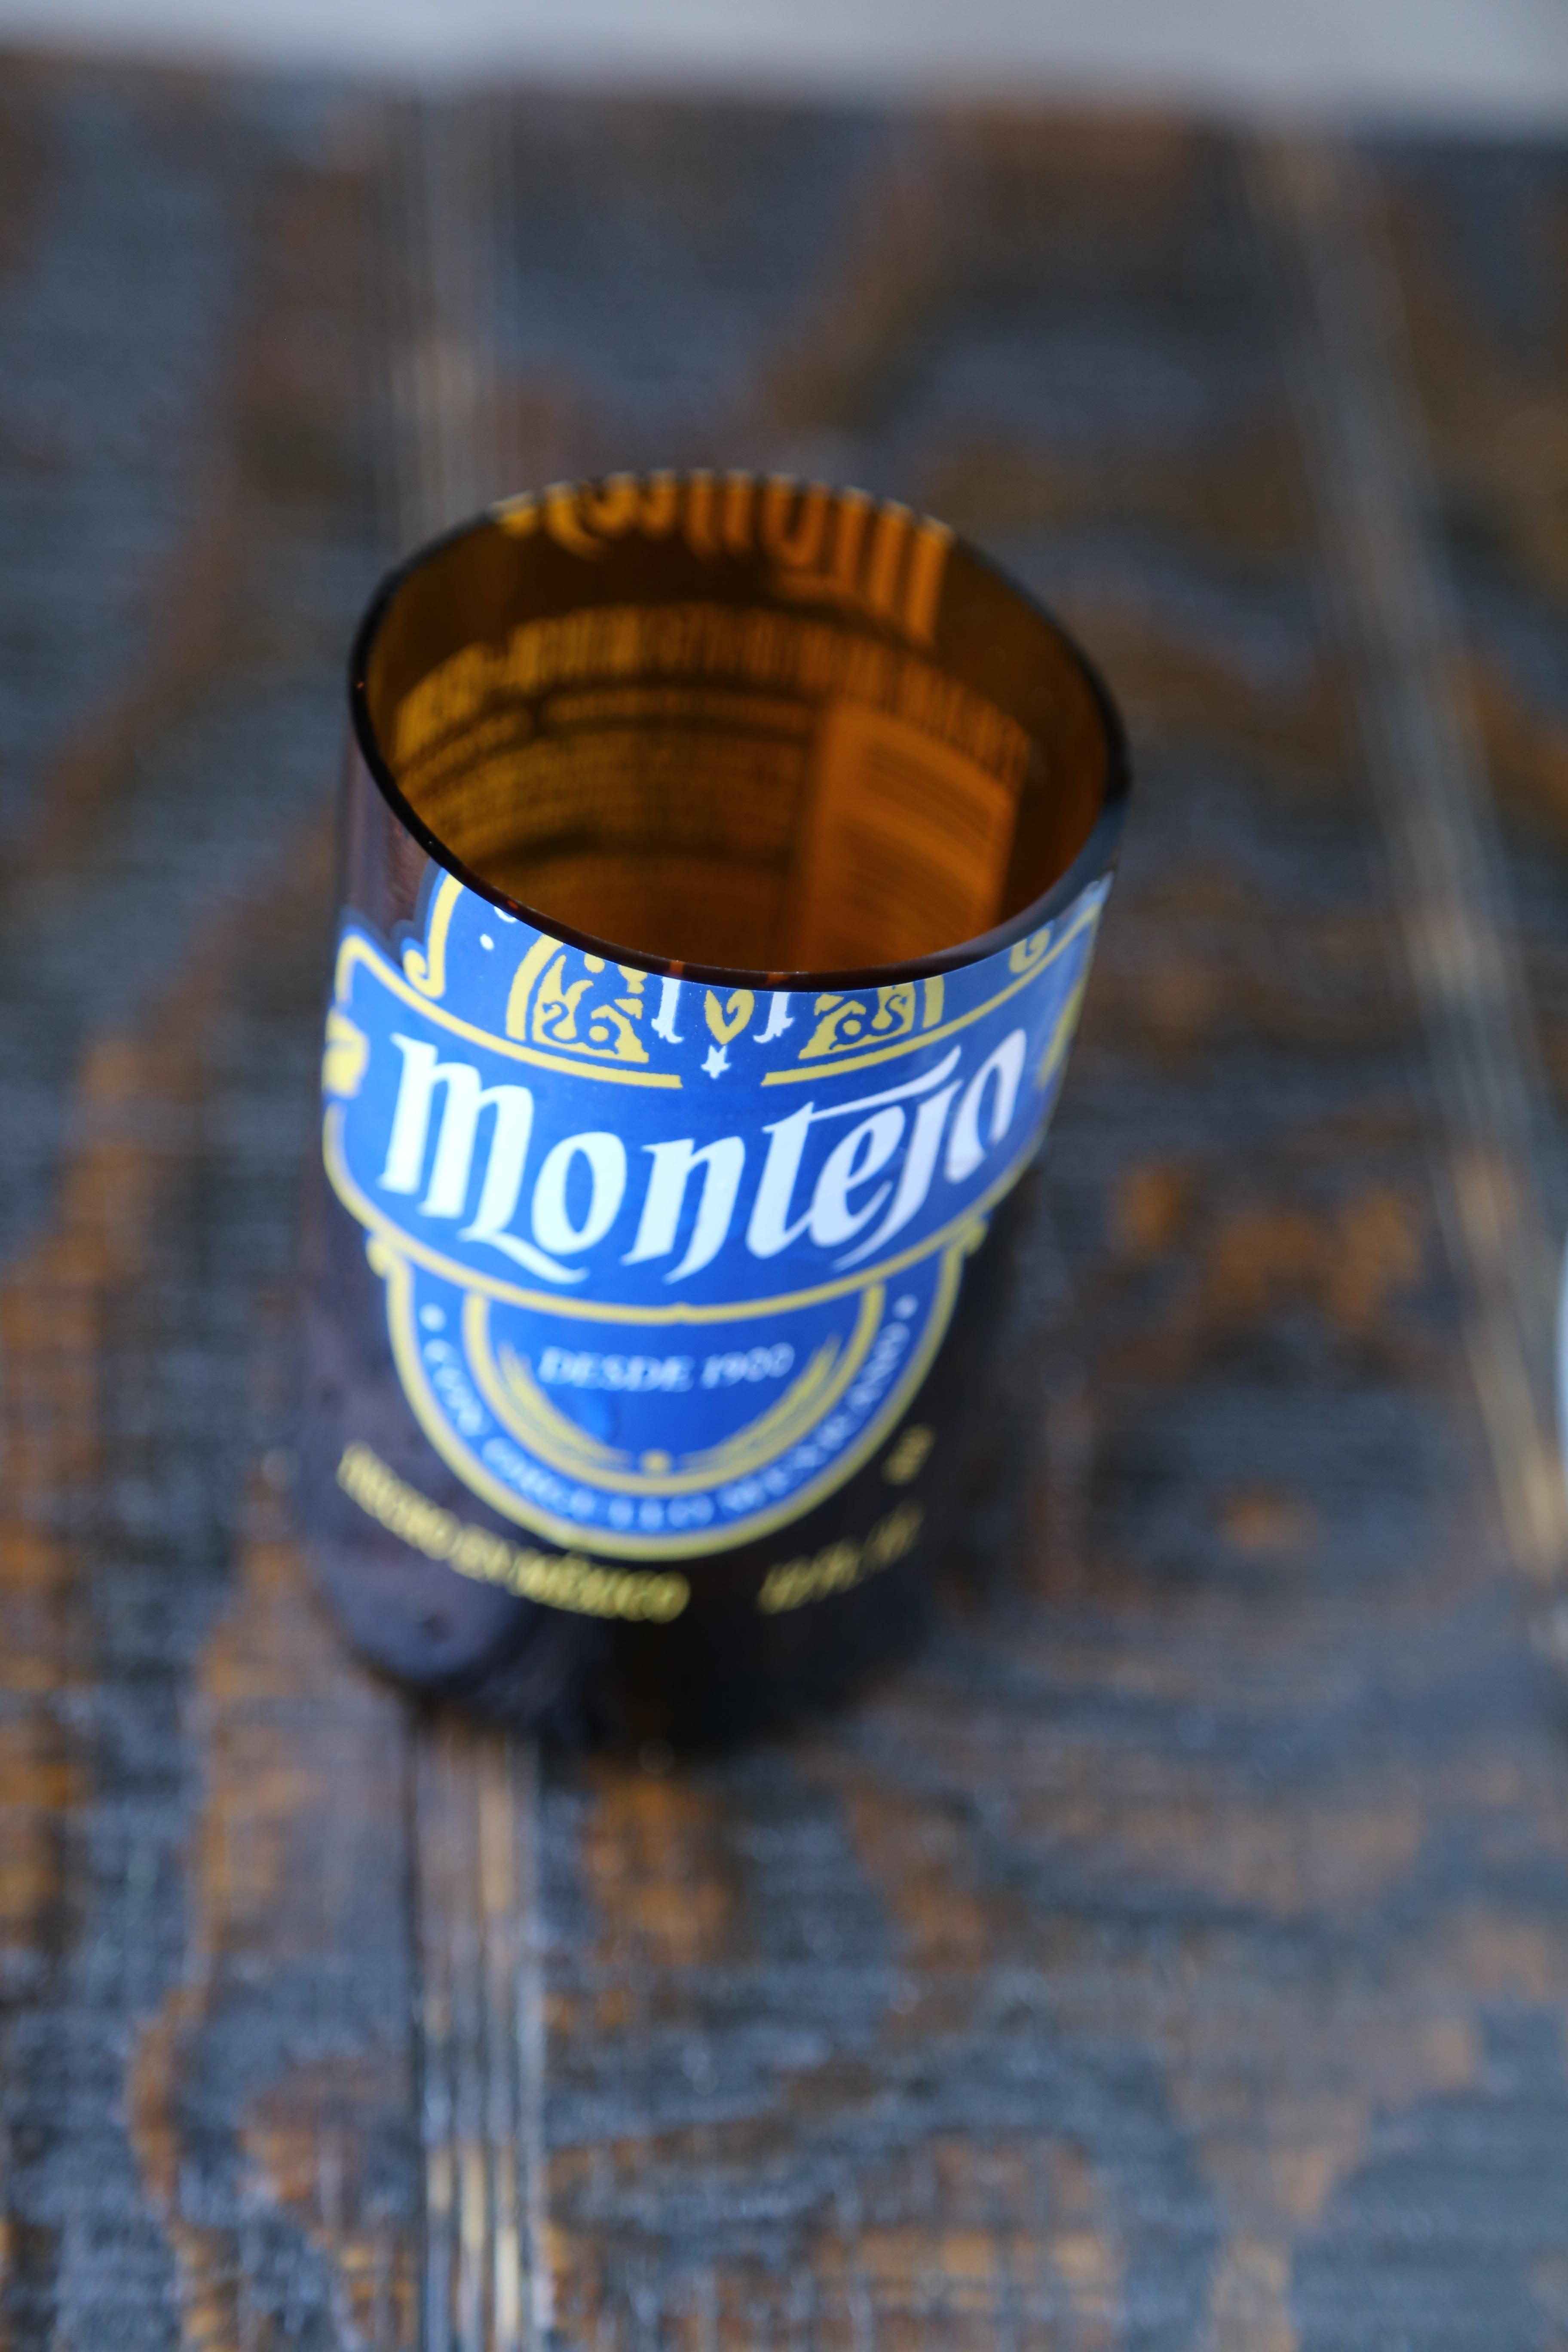 diy-glasses-from-beer-bottles-VianneyRodriguez-montejo-6